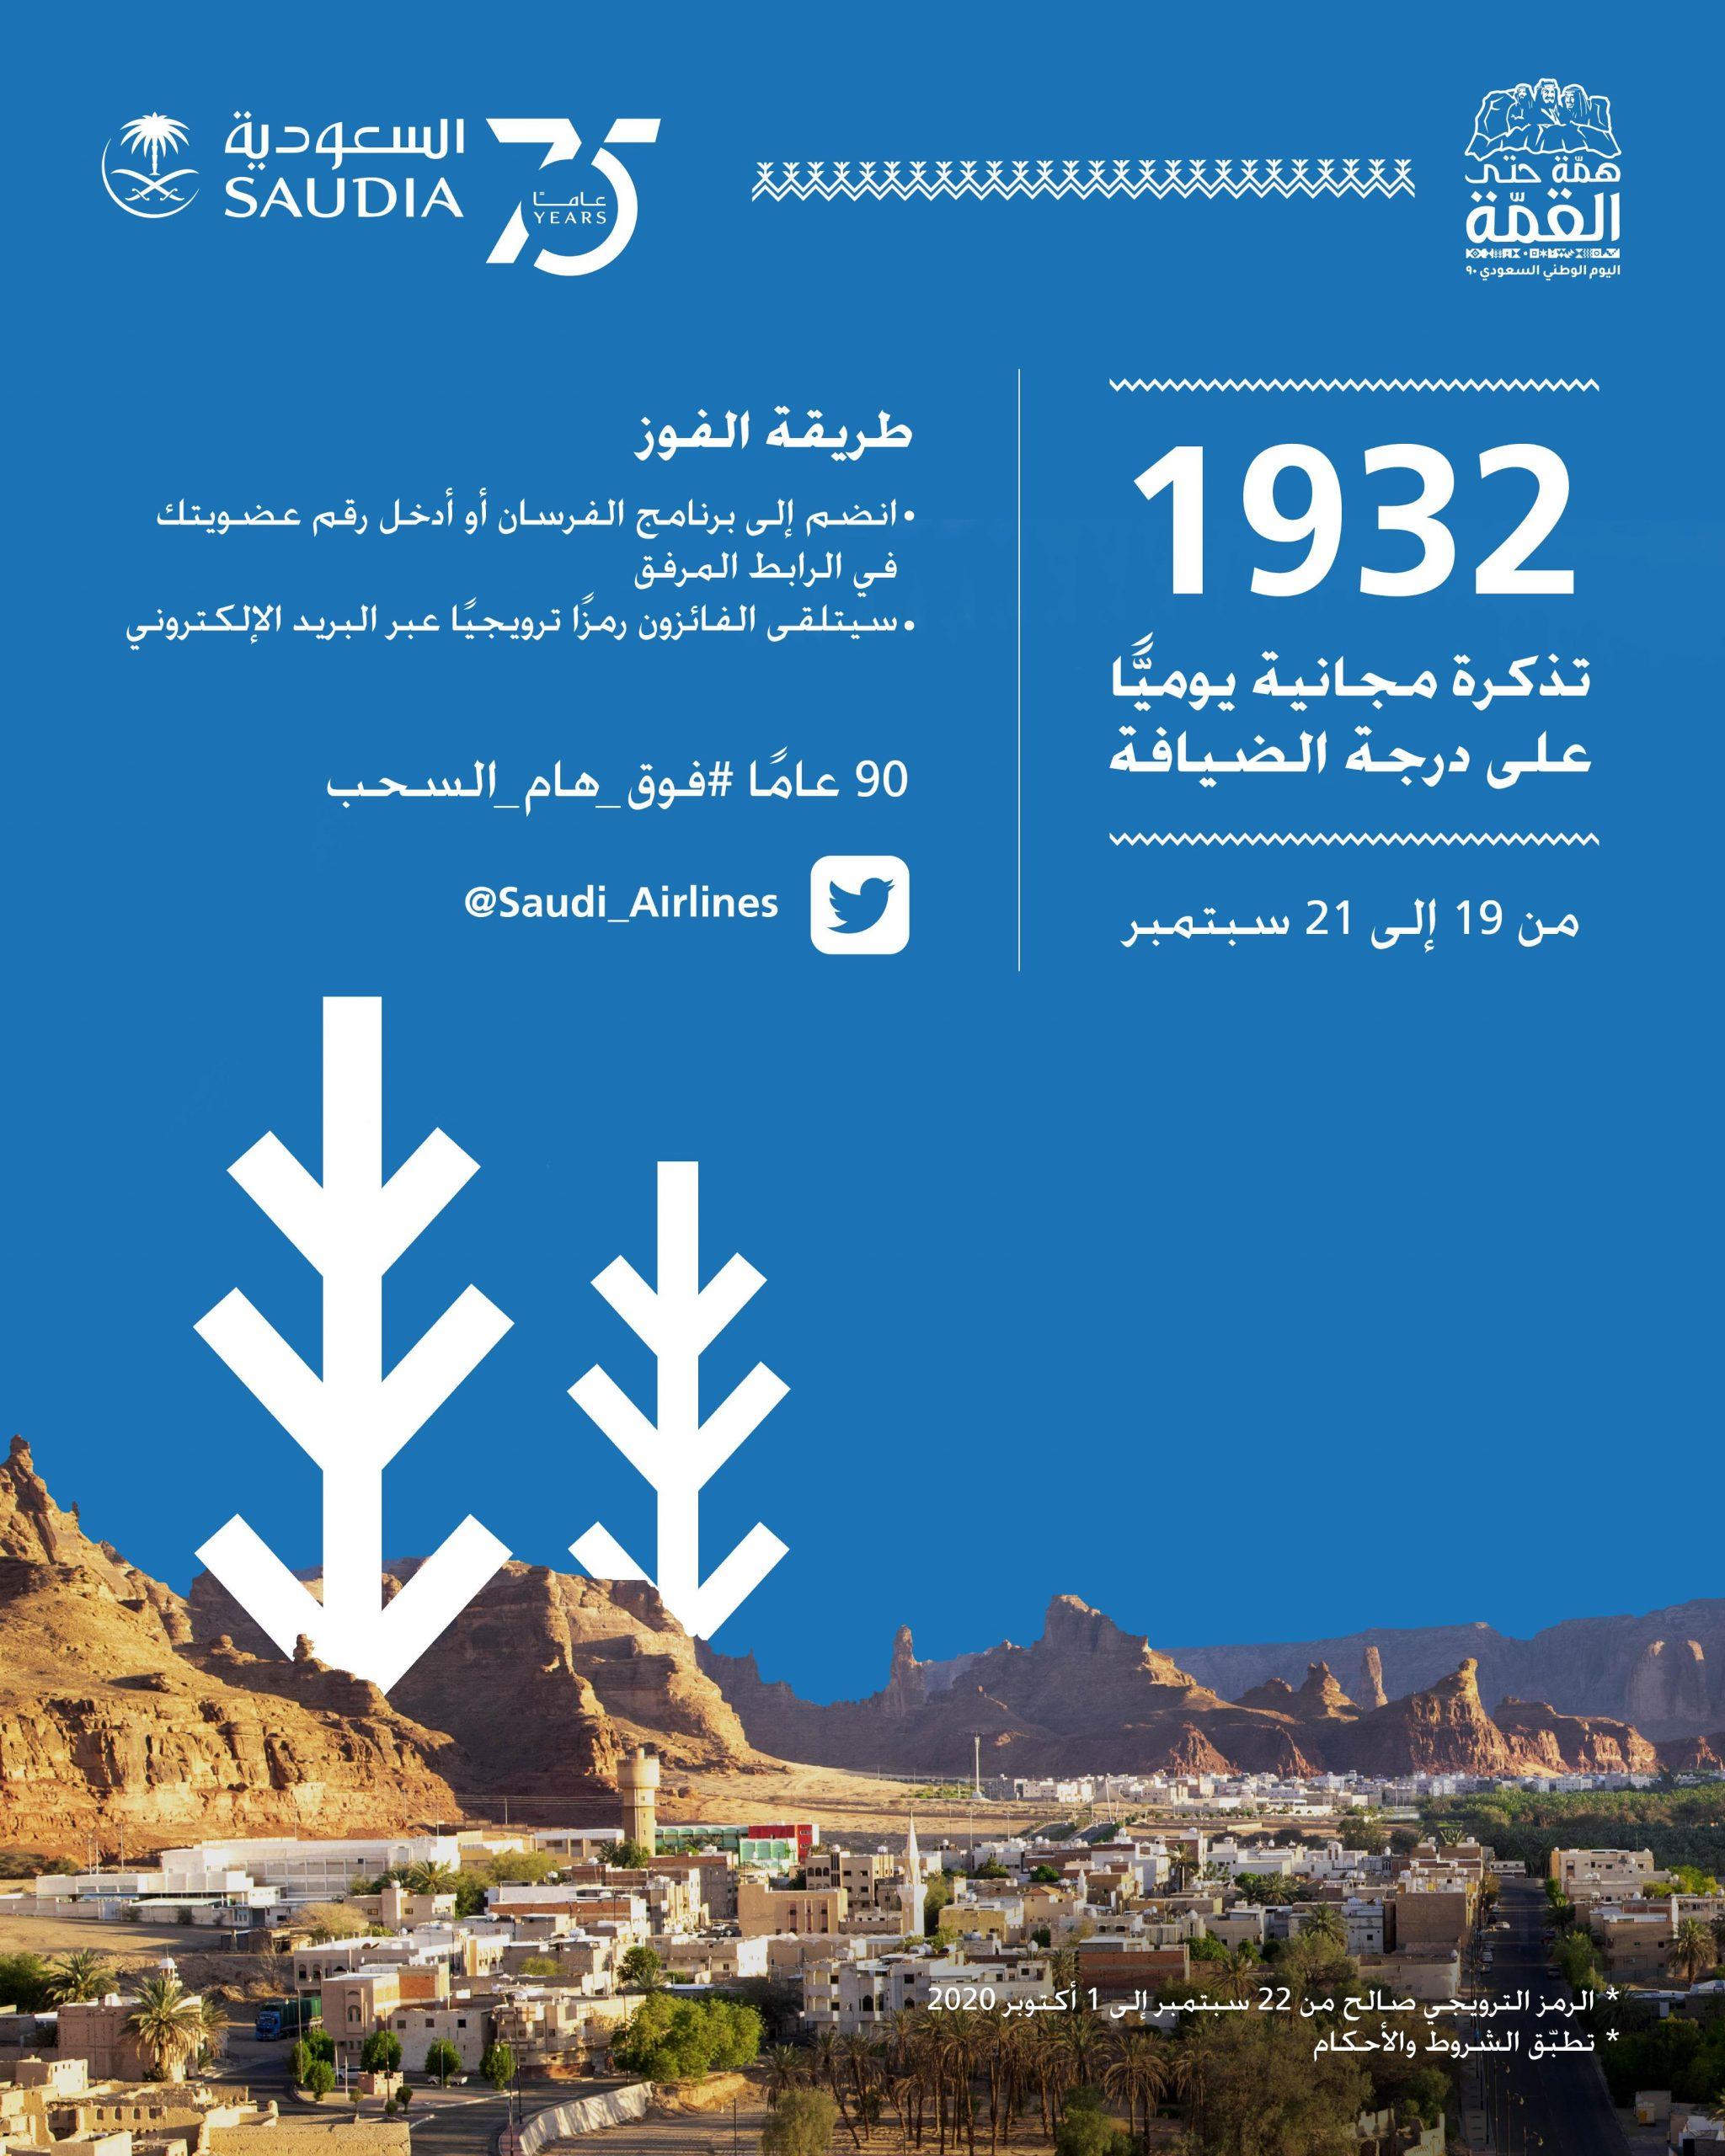 عروض الطيران اليوم الوطني، عروض الخطوط السعودية، عروض اليوم الوطني، تخفيضات الطيران السعودي